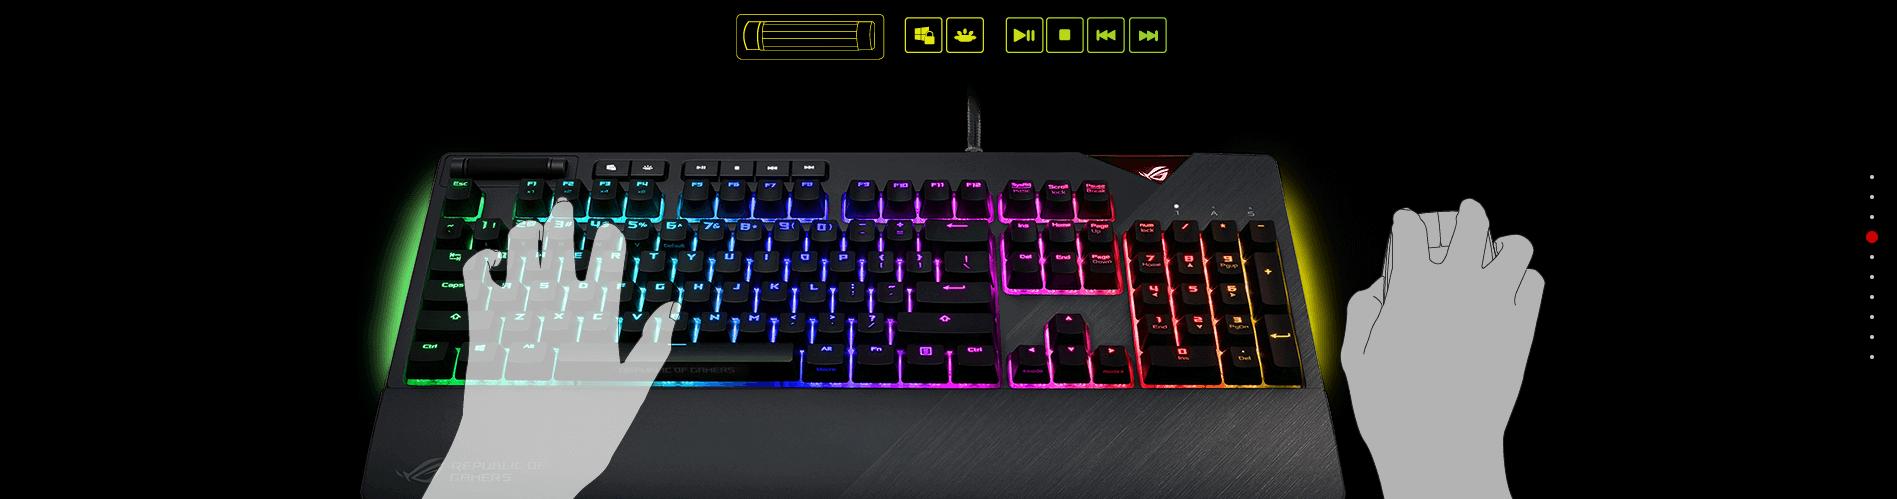 Bàn phím cơ Asus ROG Strix Flare Pink (XA01) có các phím multimedia tiện lợi